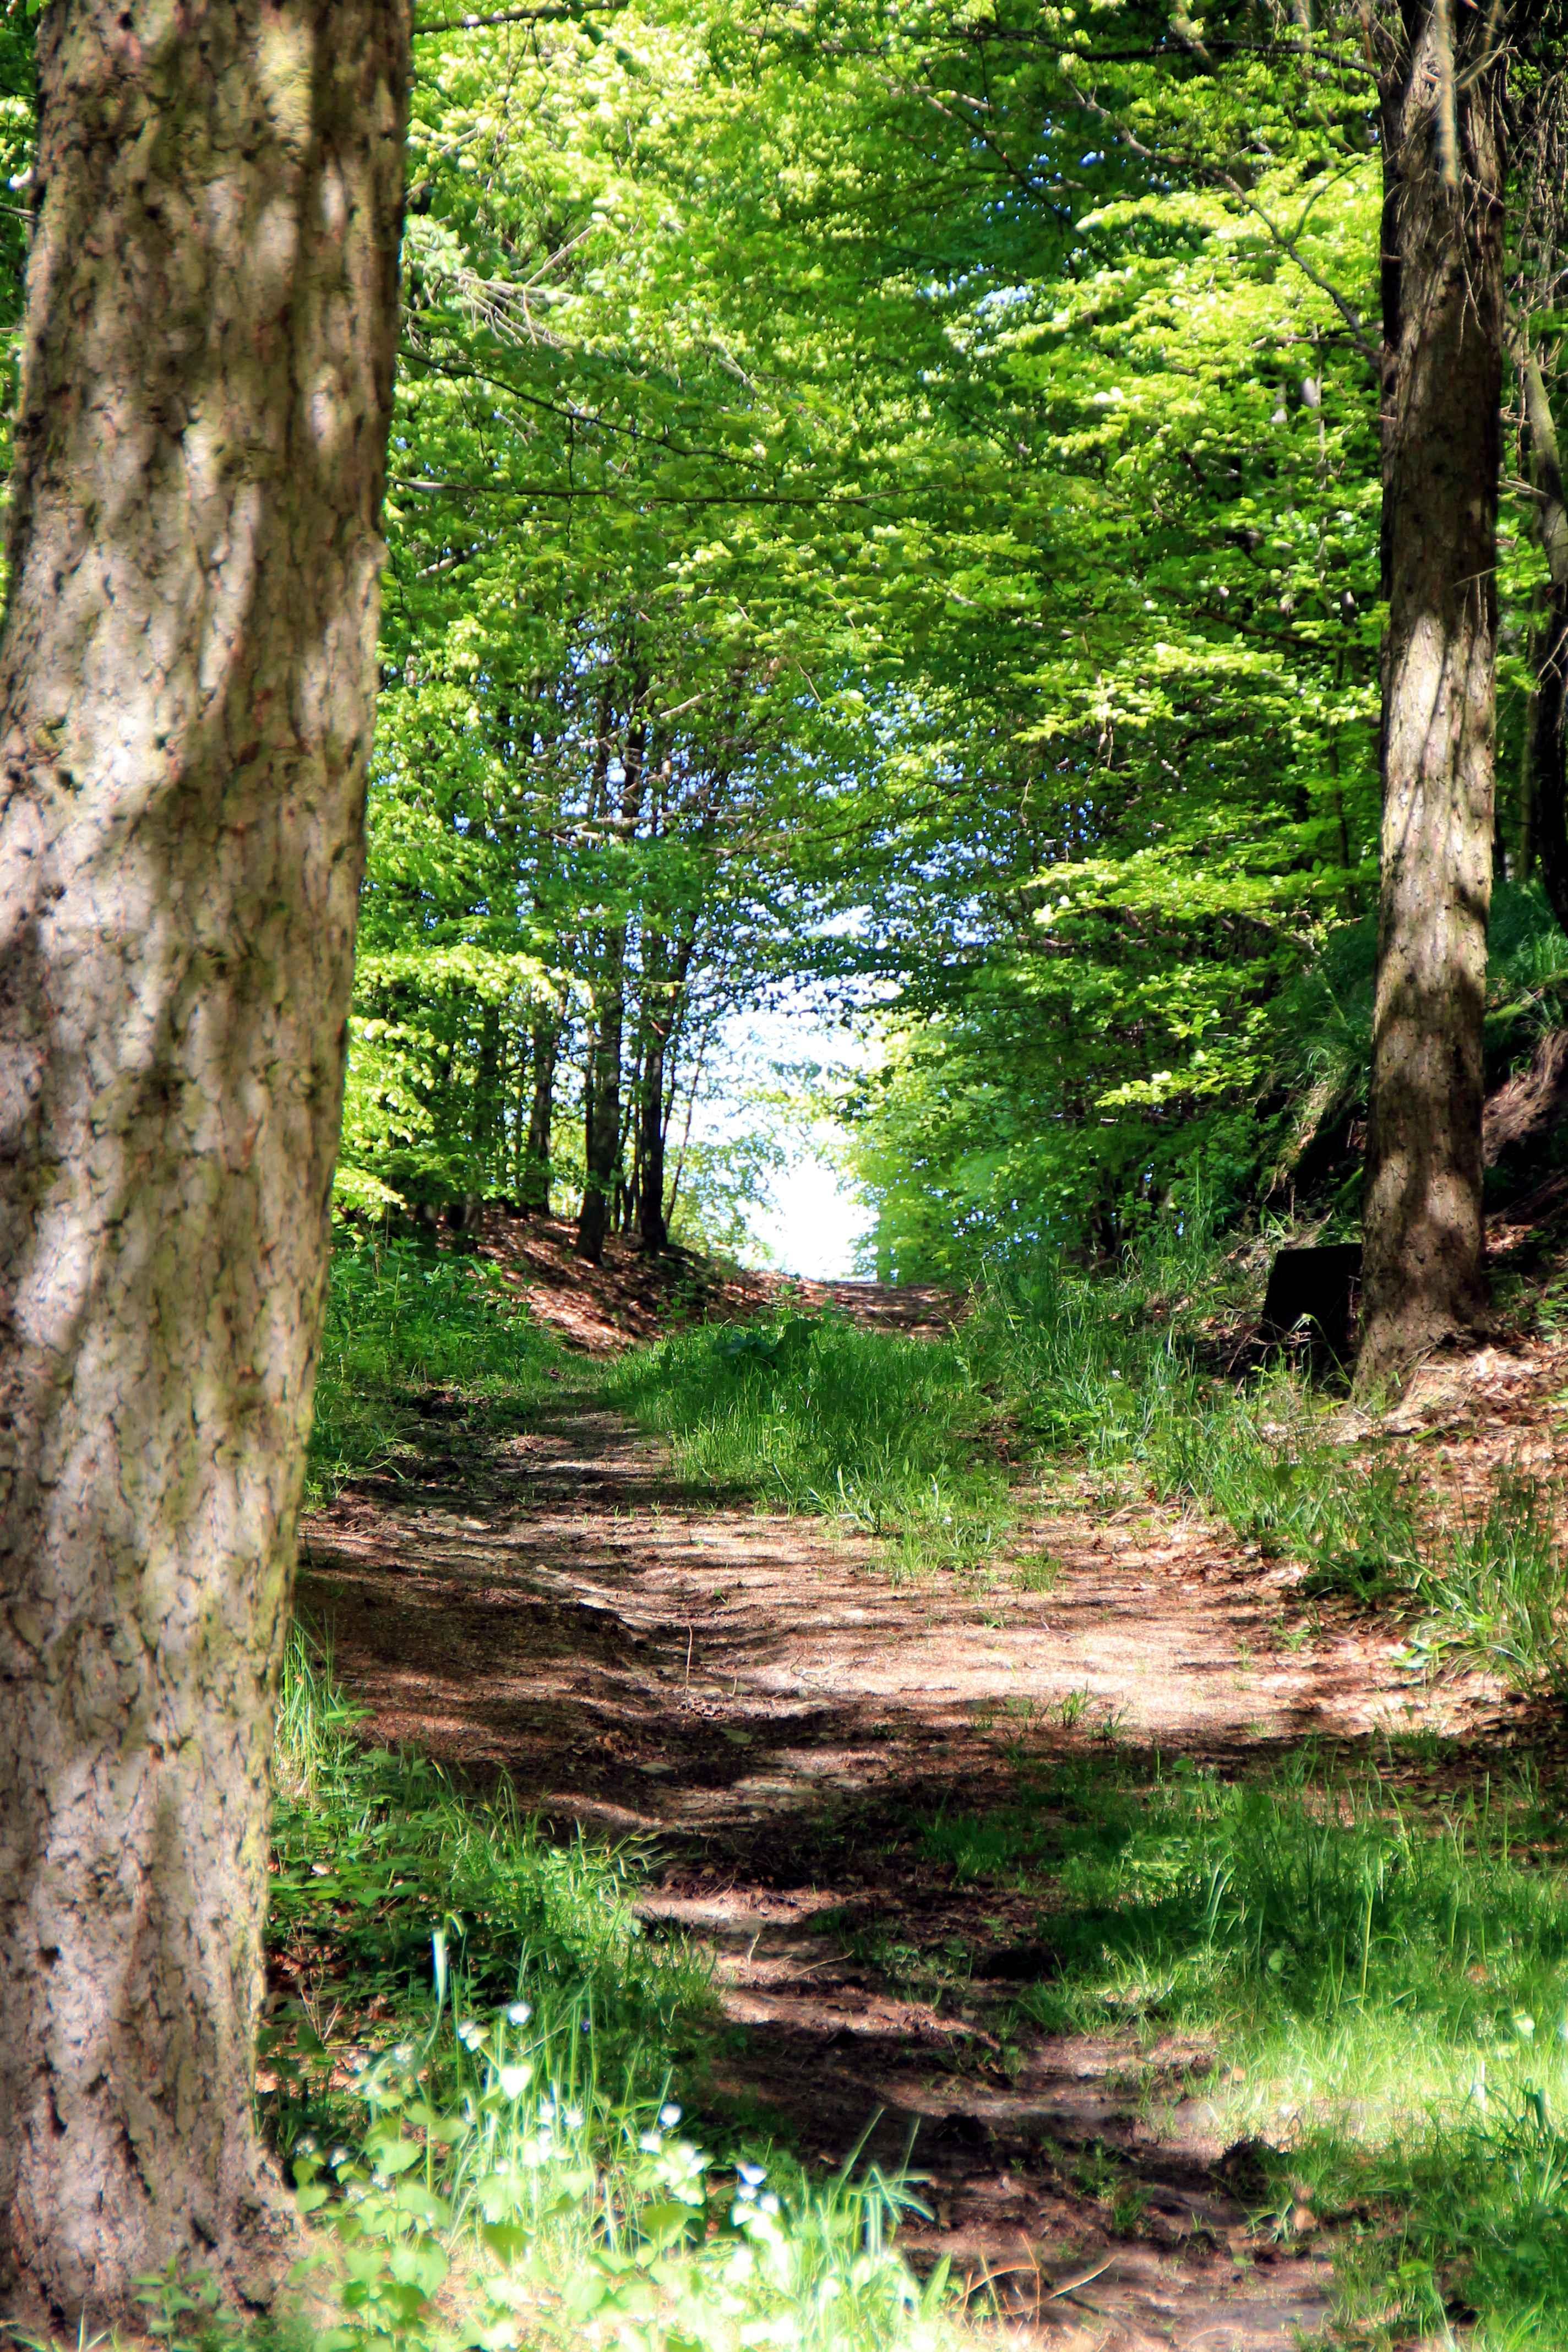 Eichhörnchenweg in Alverdissen